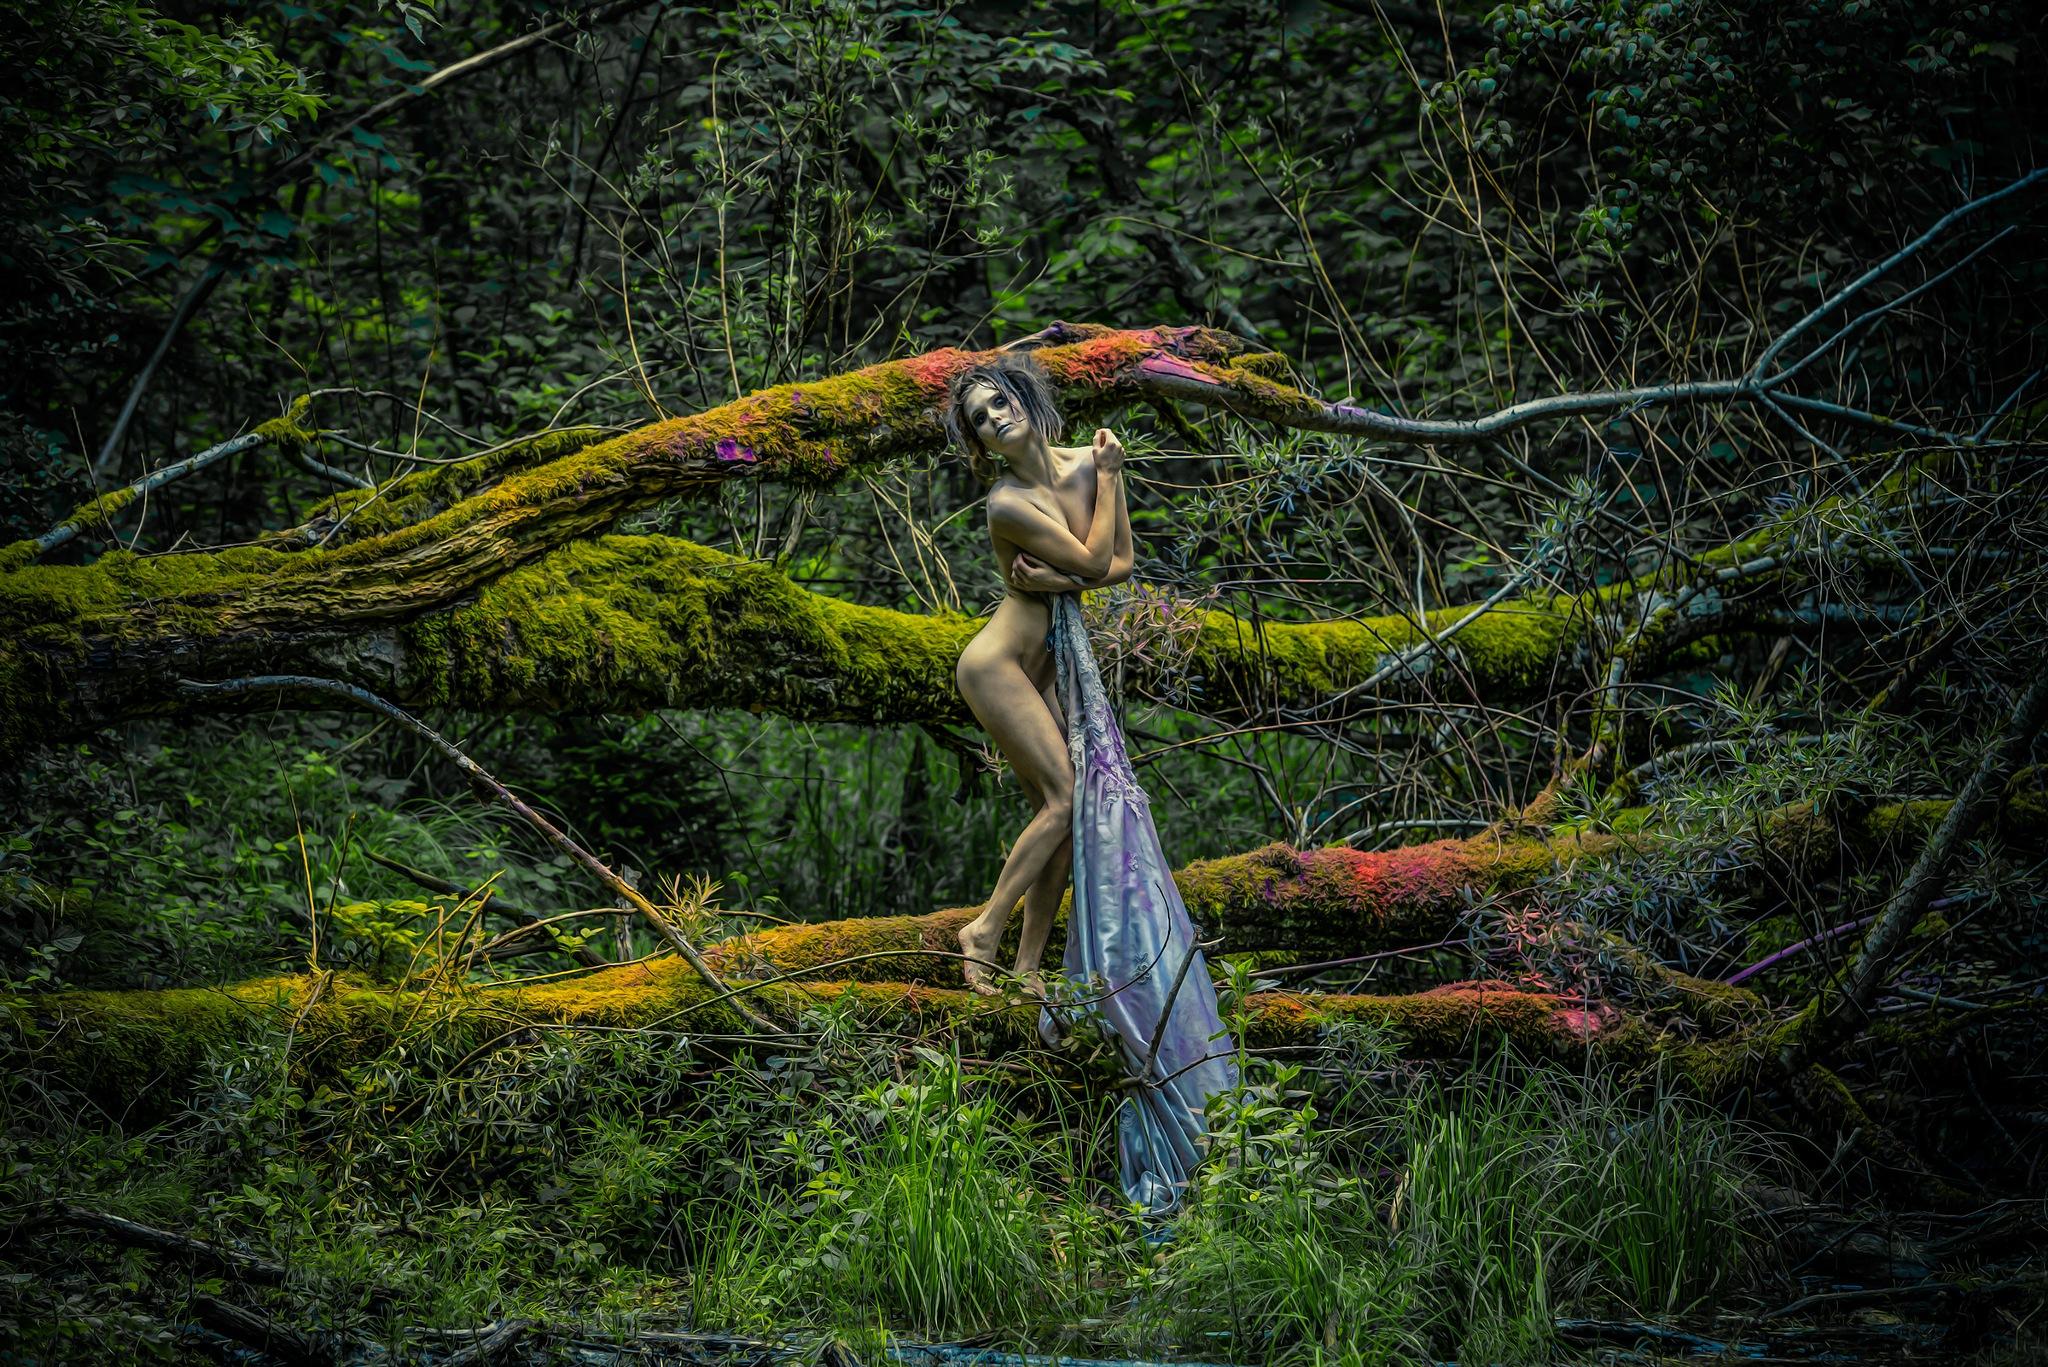 Mimir by Juergen Sieth